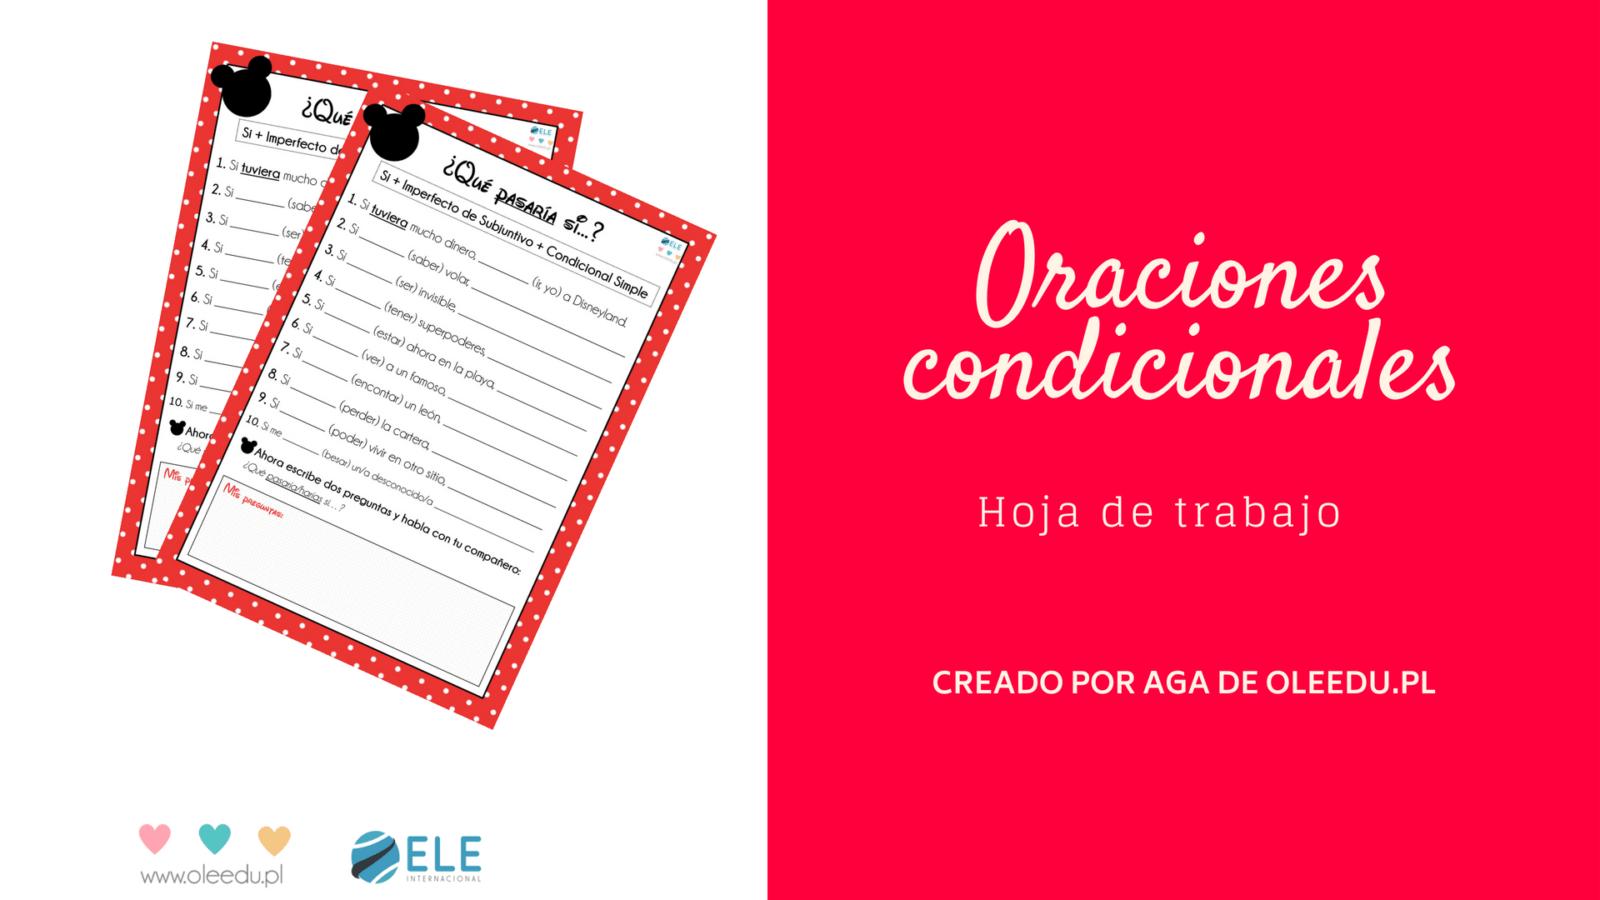 Oraciones condicionales ficha para trabajar en clase de español. Actividades para trabajar oraciones condicionales. #profedeele